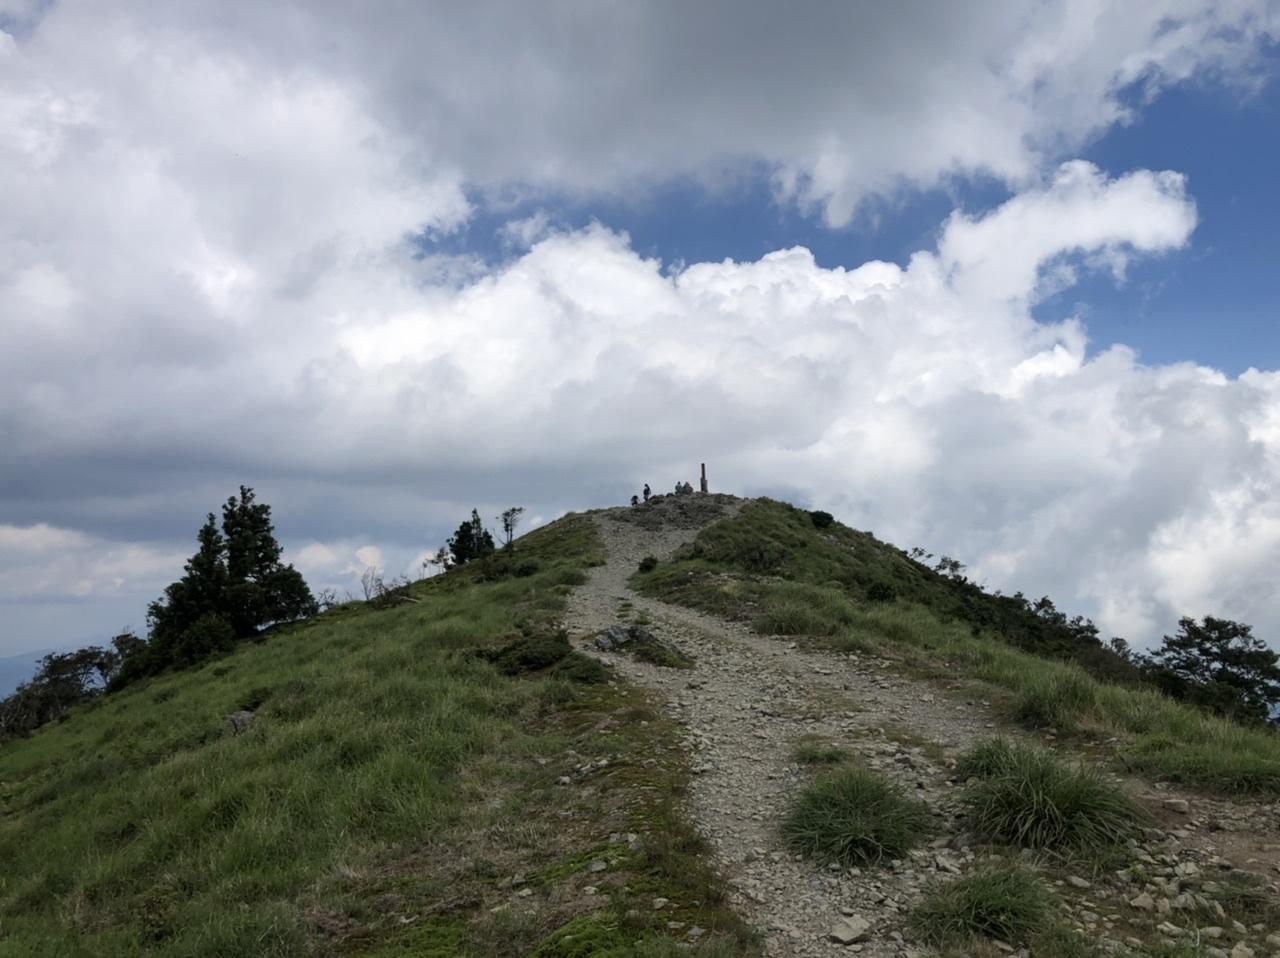 武奈ヶ岳 難関の八淵の滝ルートで攻略!_b0200358_13021649.jpeg